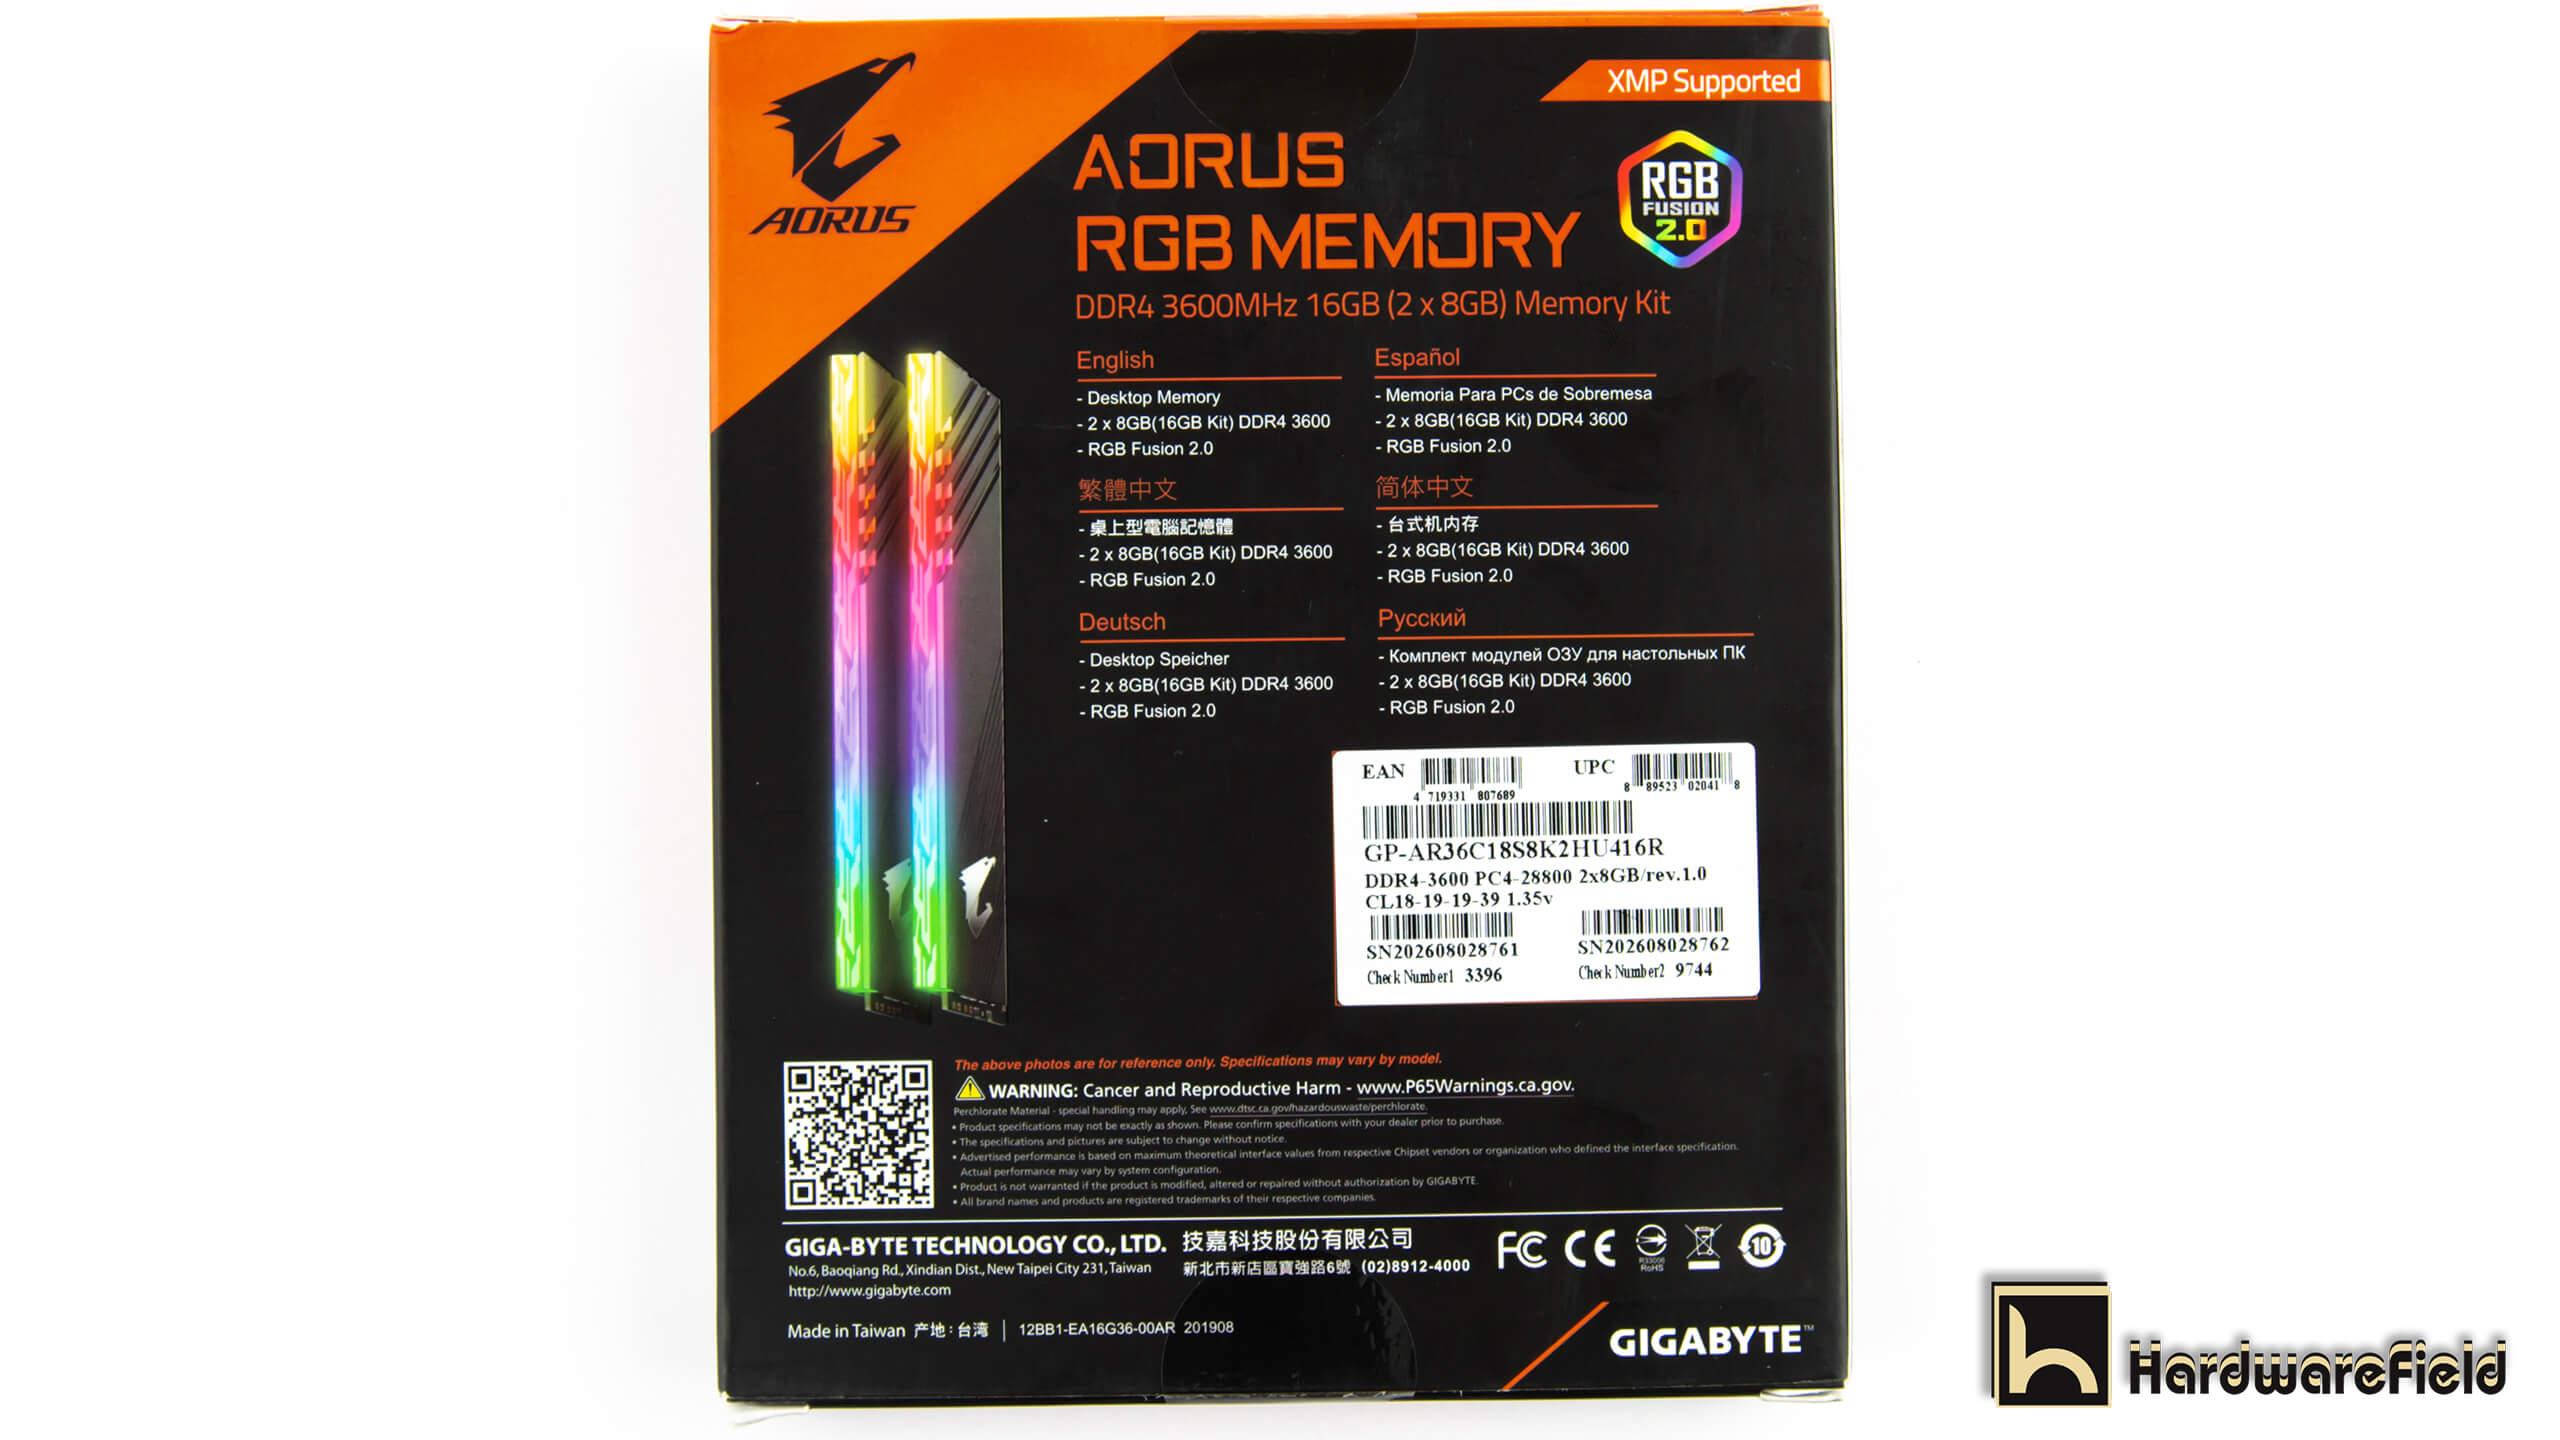 AORUS RGB MEMORY 2